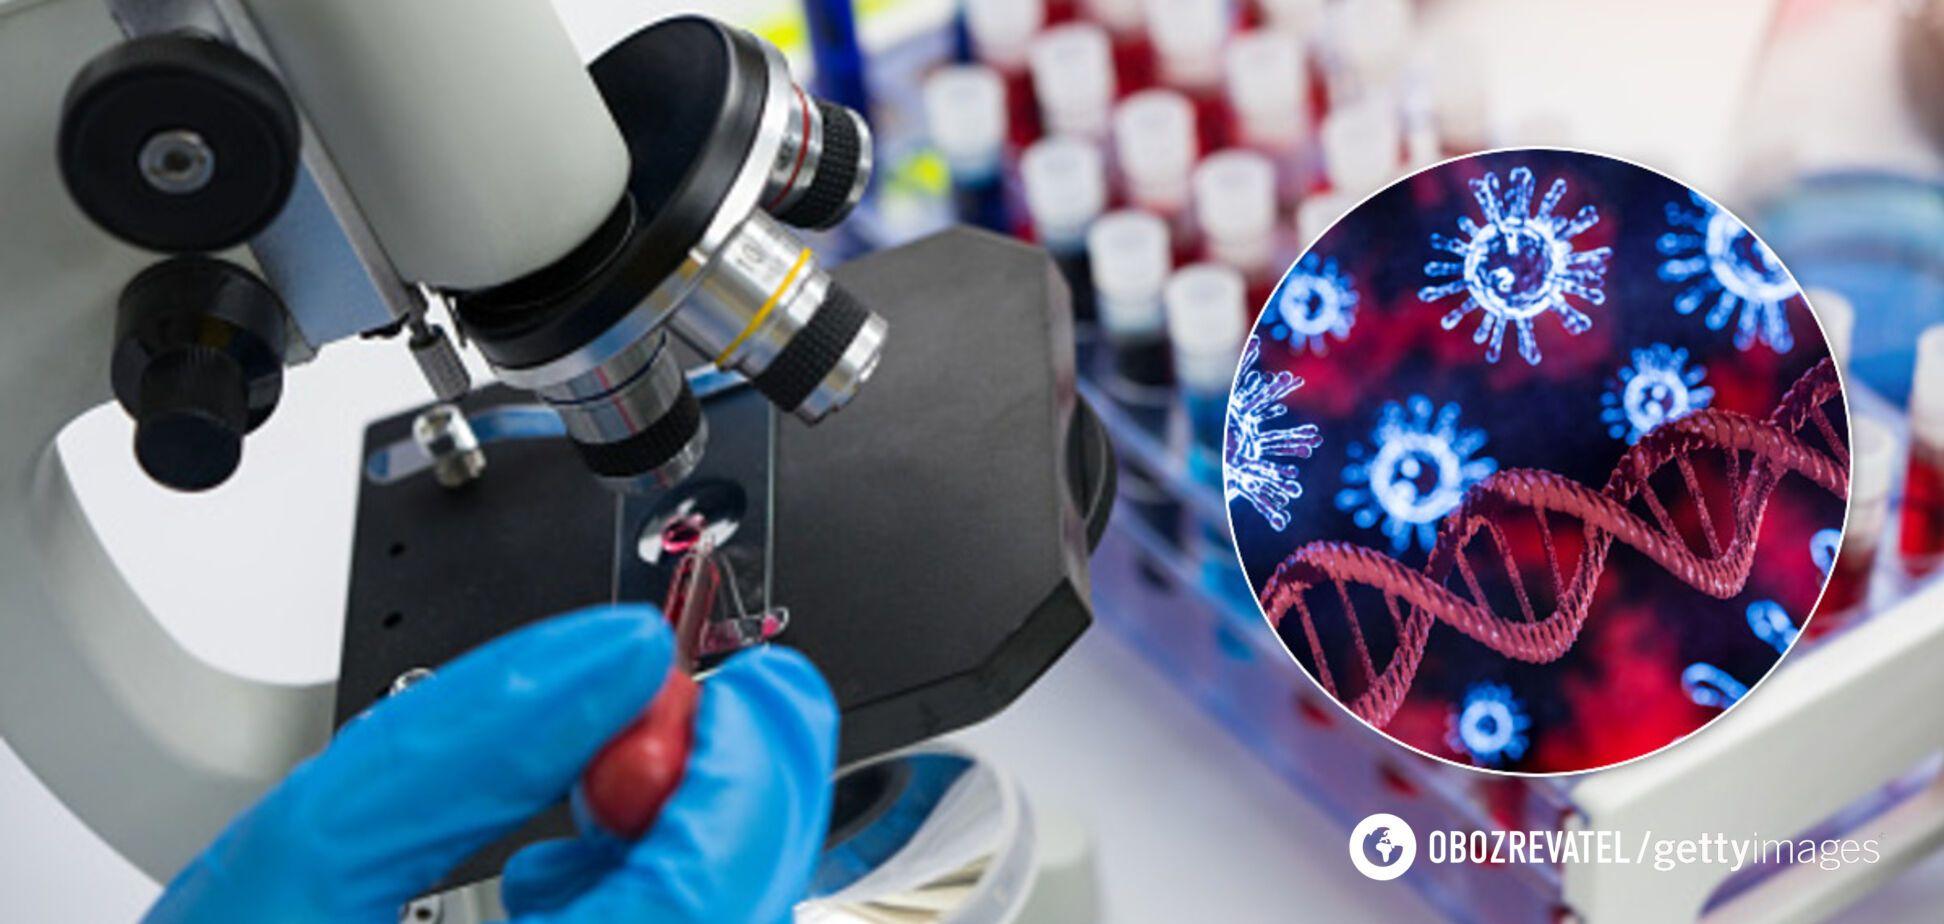 Риск заражения COVID-19 зависит от группы крови и генов: появилось новое исследование